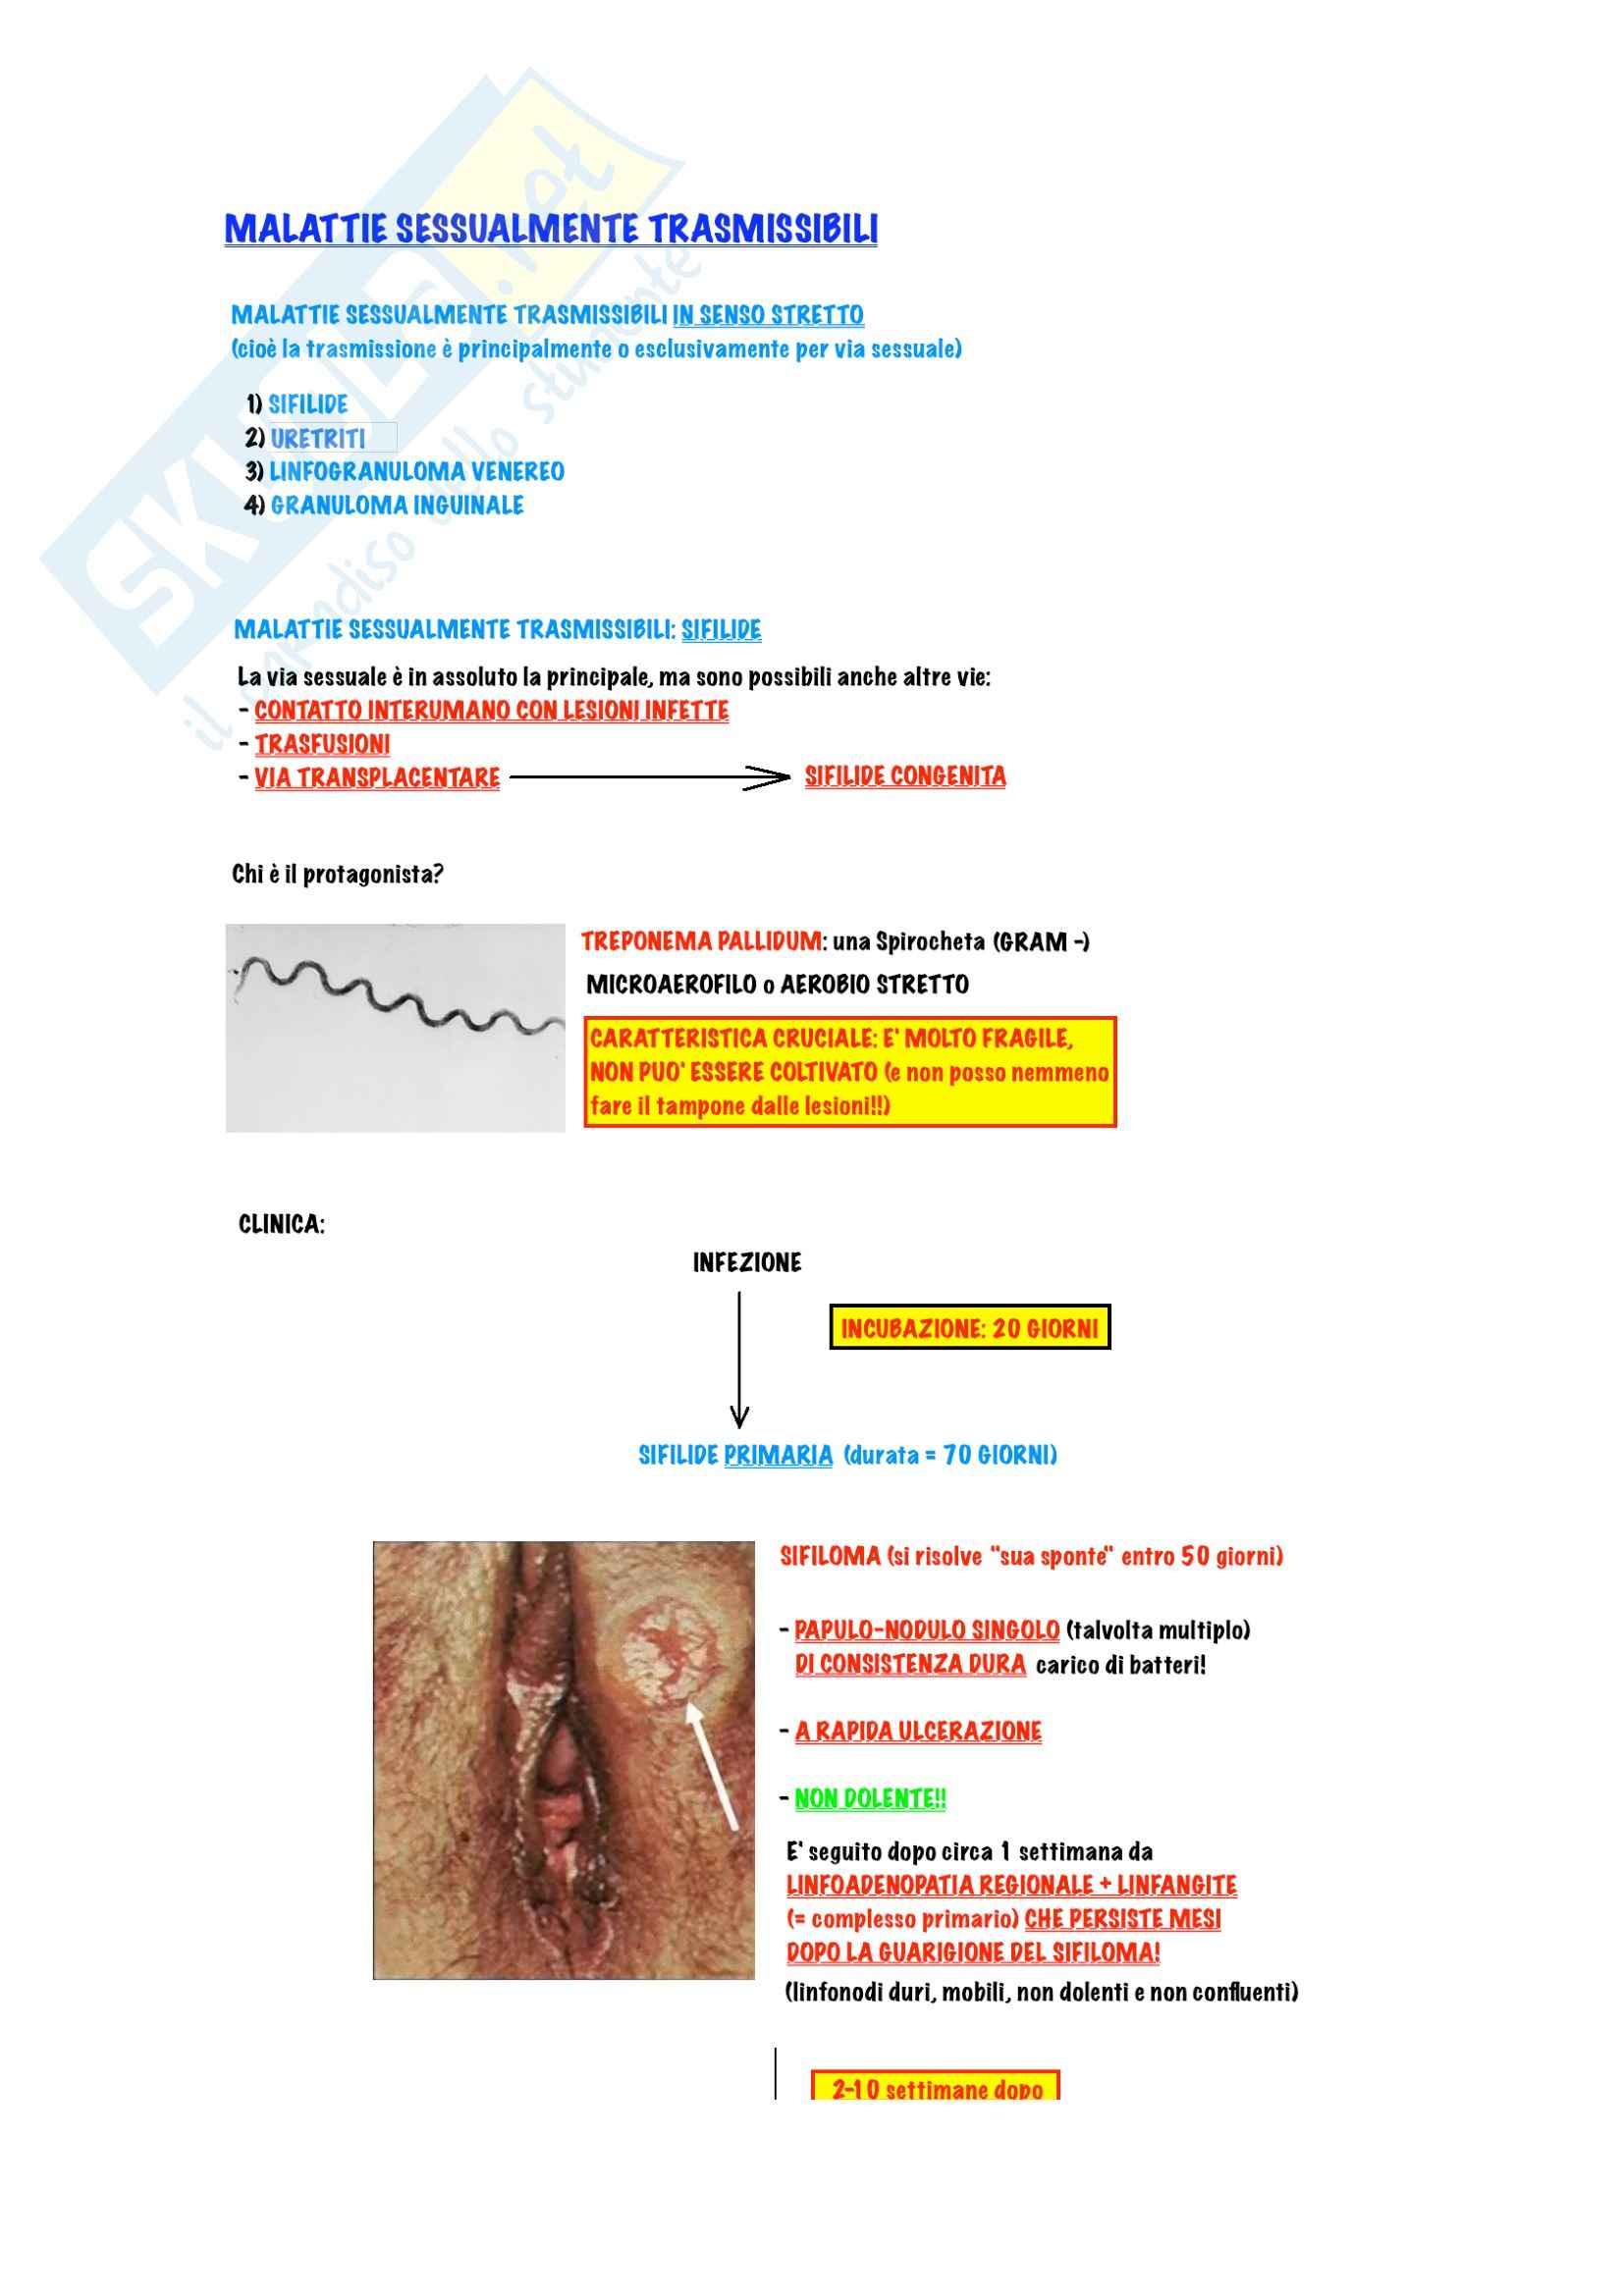 Dermatologia - malattie sessualmente trasmissibili